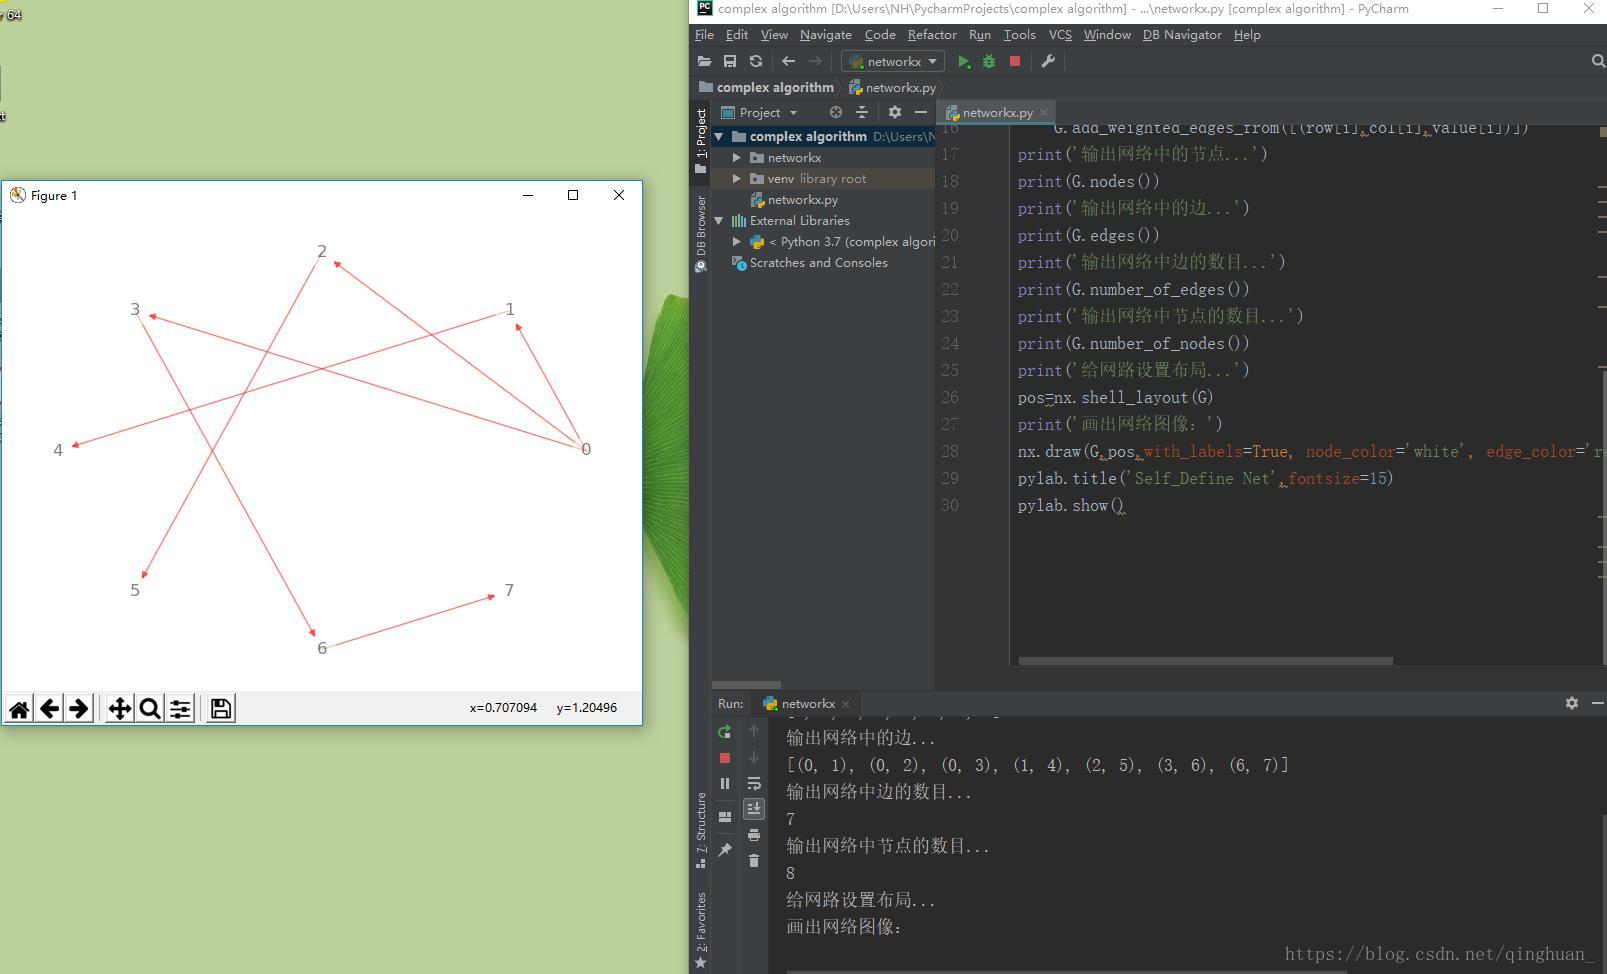 Resolve AttributeError: module 'networkx' has no attribute